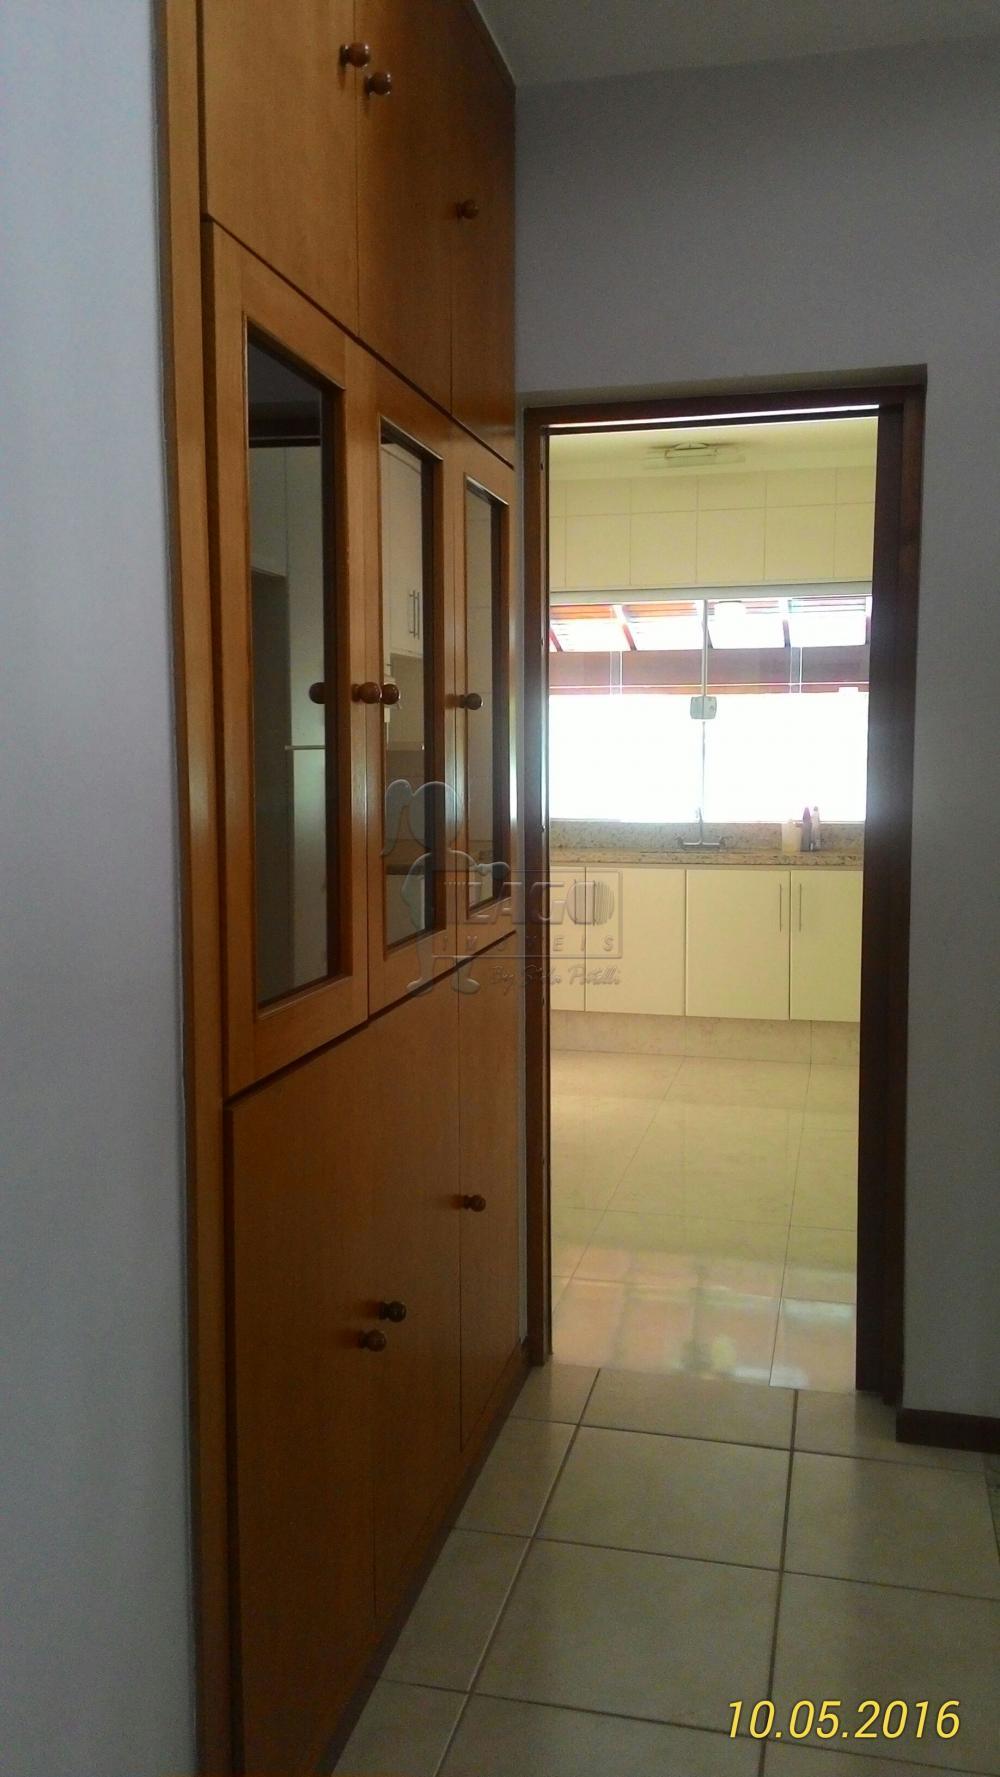 Alugar Casas / Condomínio em Bonfim Paulista apenas R$ 3.800,00 - Foto 5